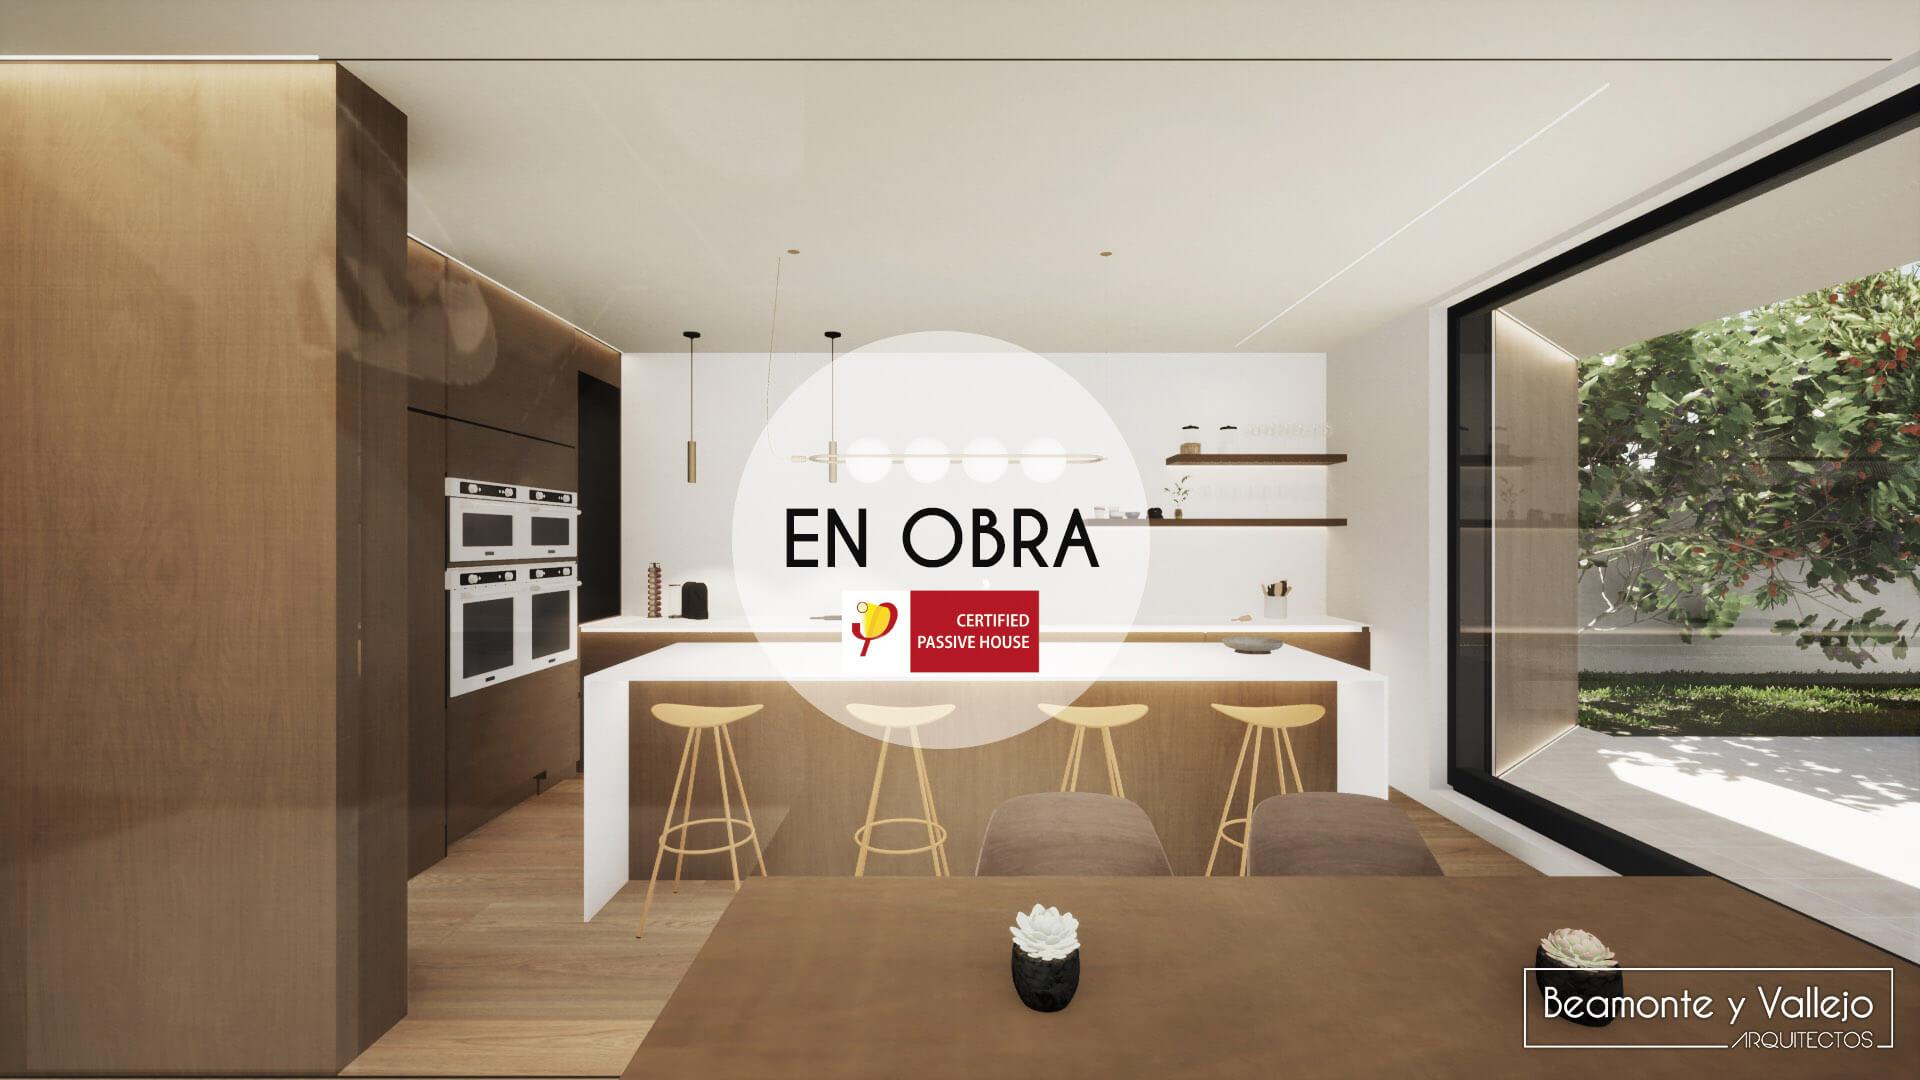 Beamonte y Vallejo arquitectos - Passivhaus Rocafort, Valencia en obra - 6